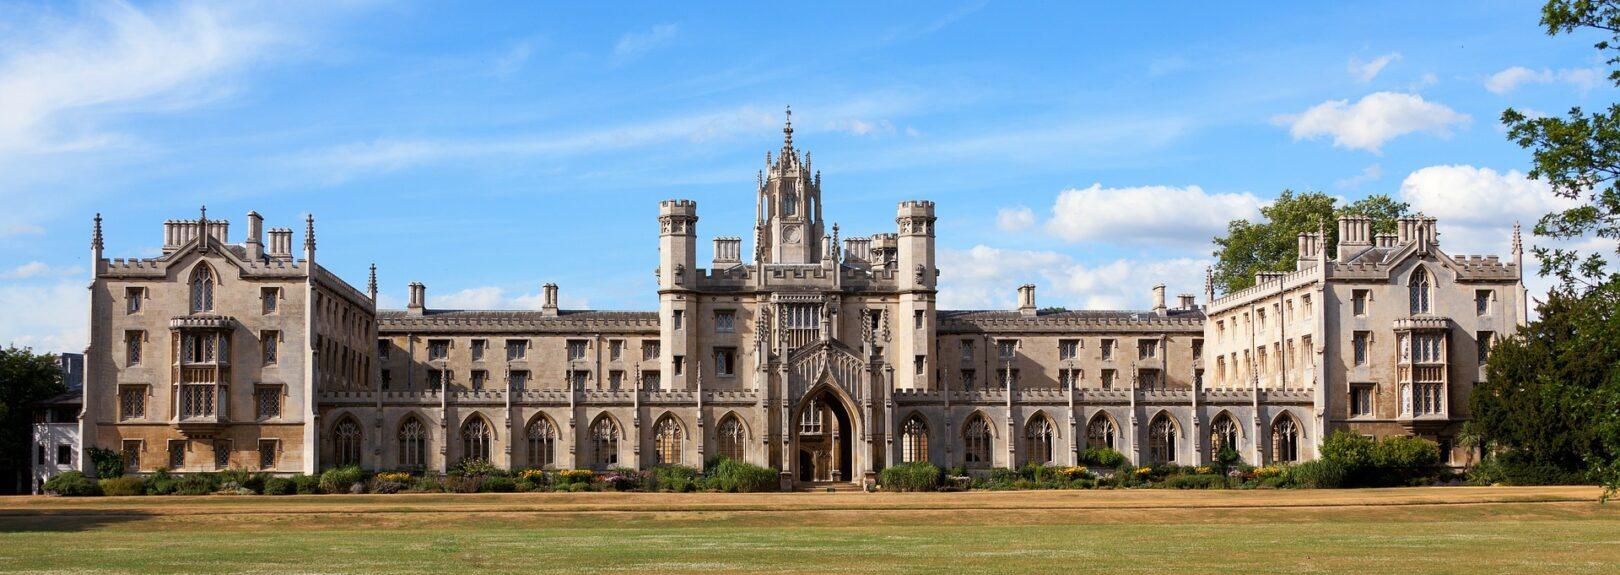 Cambridge dieta